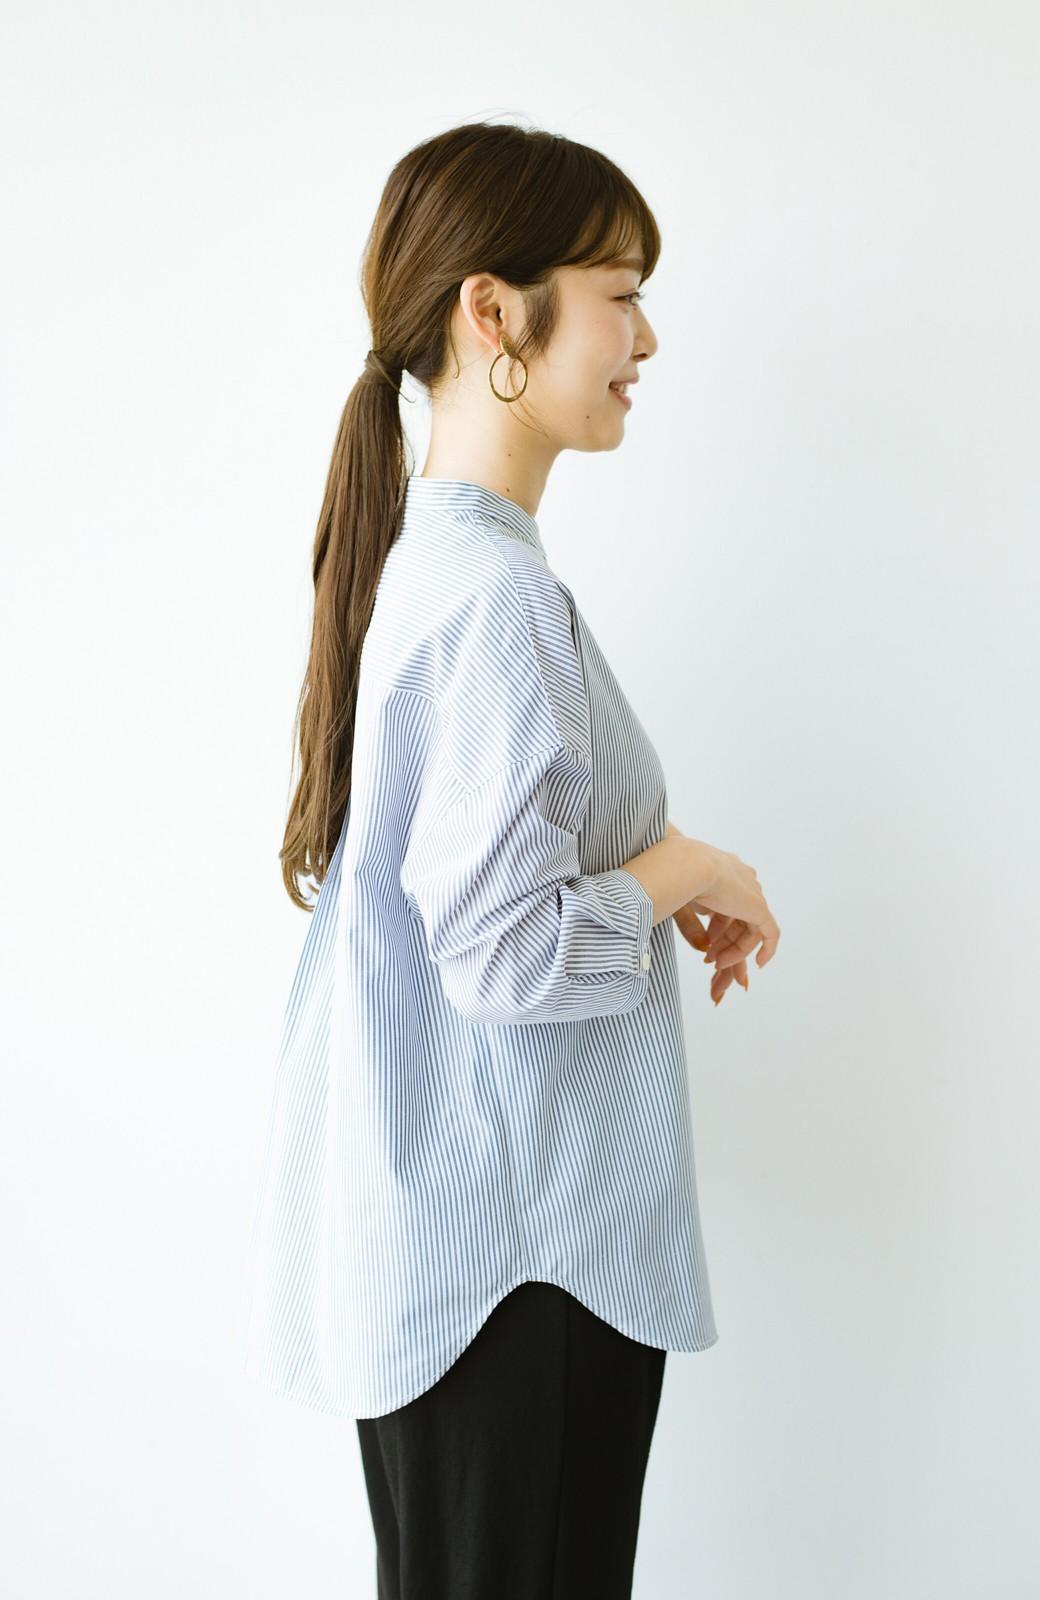 haco! 【あまる肩幅党】肩幅広めがなんのその! きちんと見えて肩まわりゆったりの定番スタンドカラーシャツ <ストライプ>の商品写真16